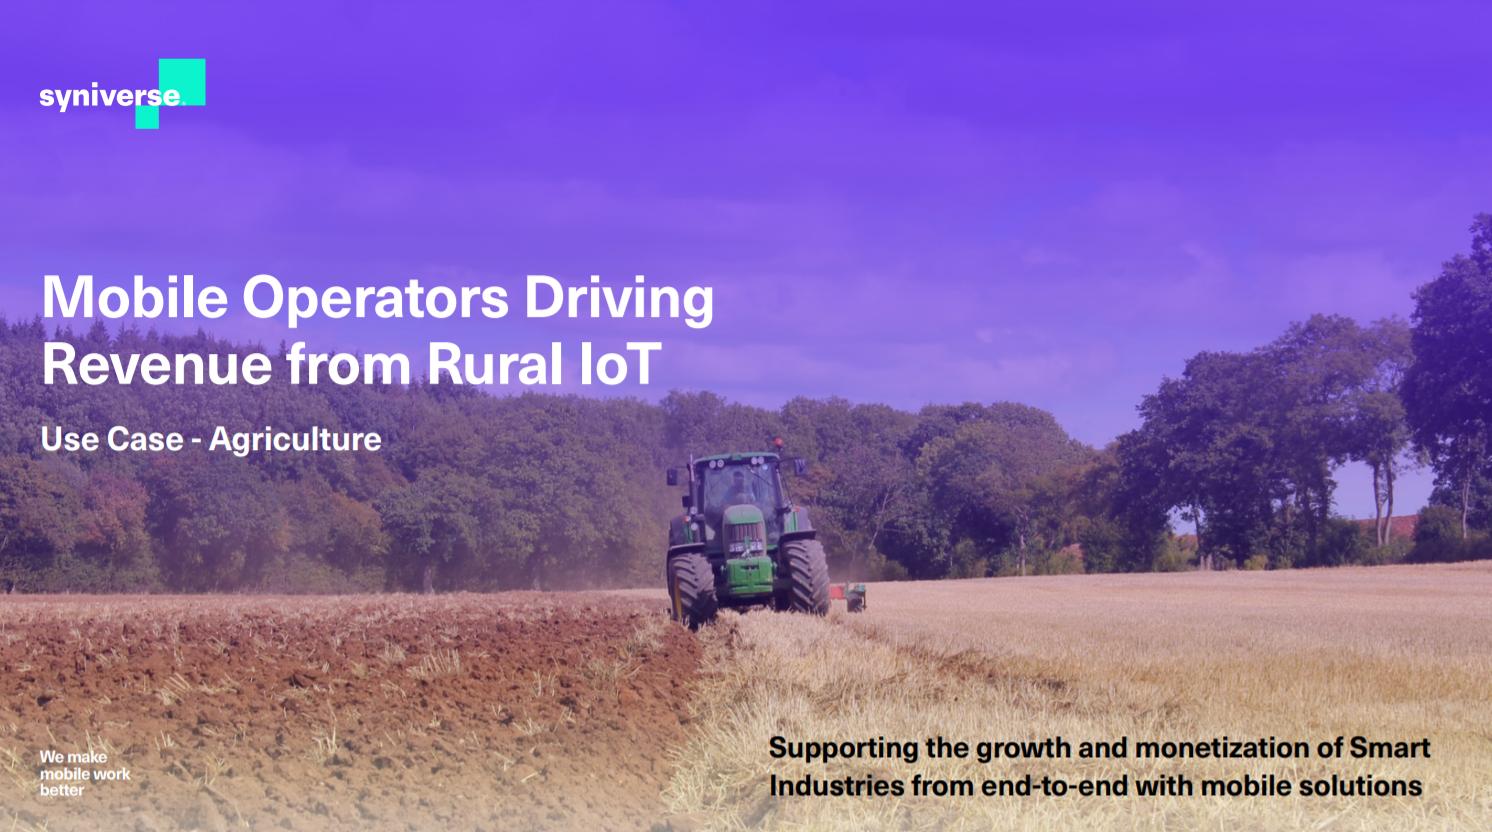 Operadores móviles que generan ingresos de IoT rural